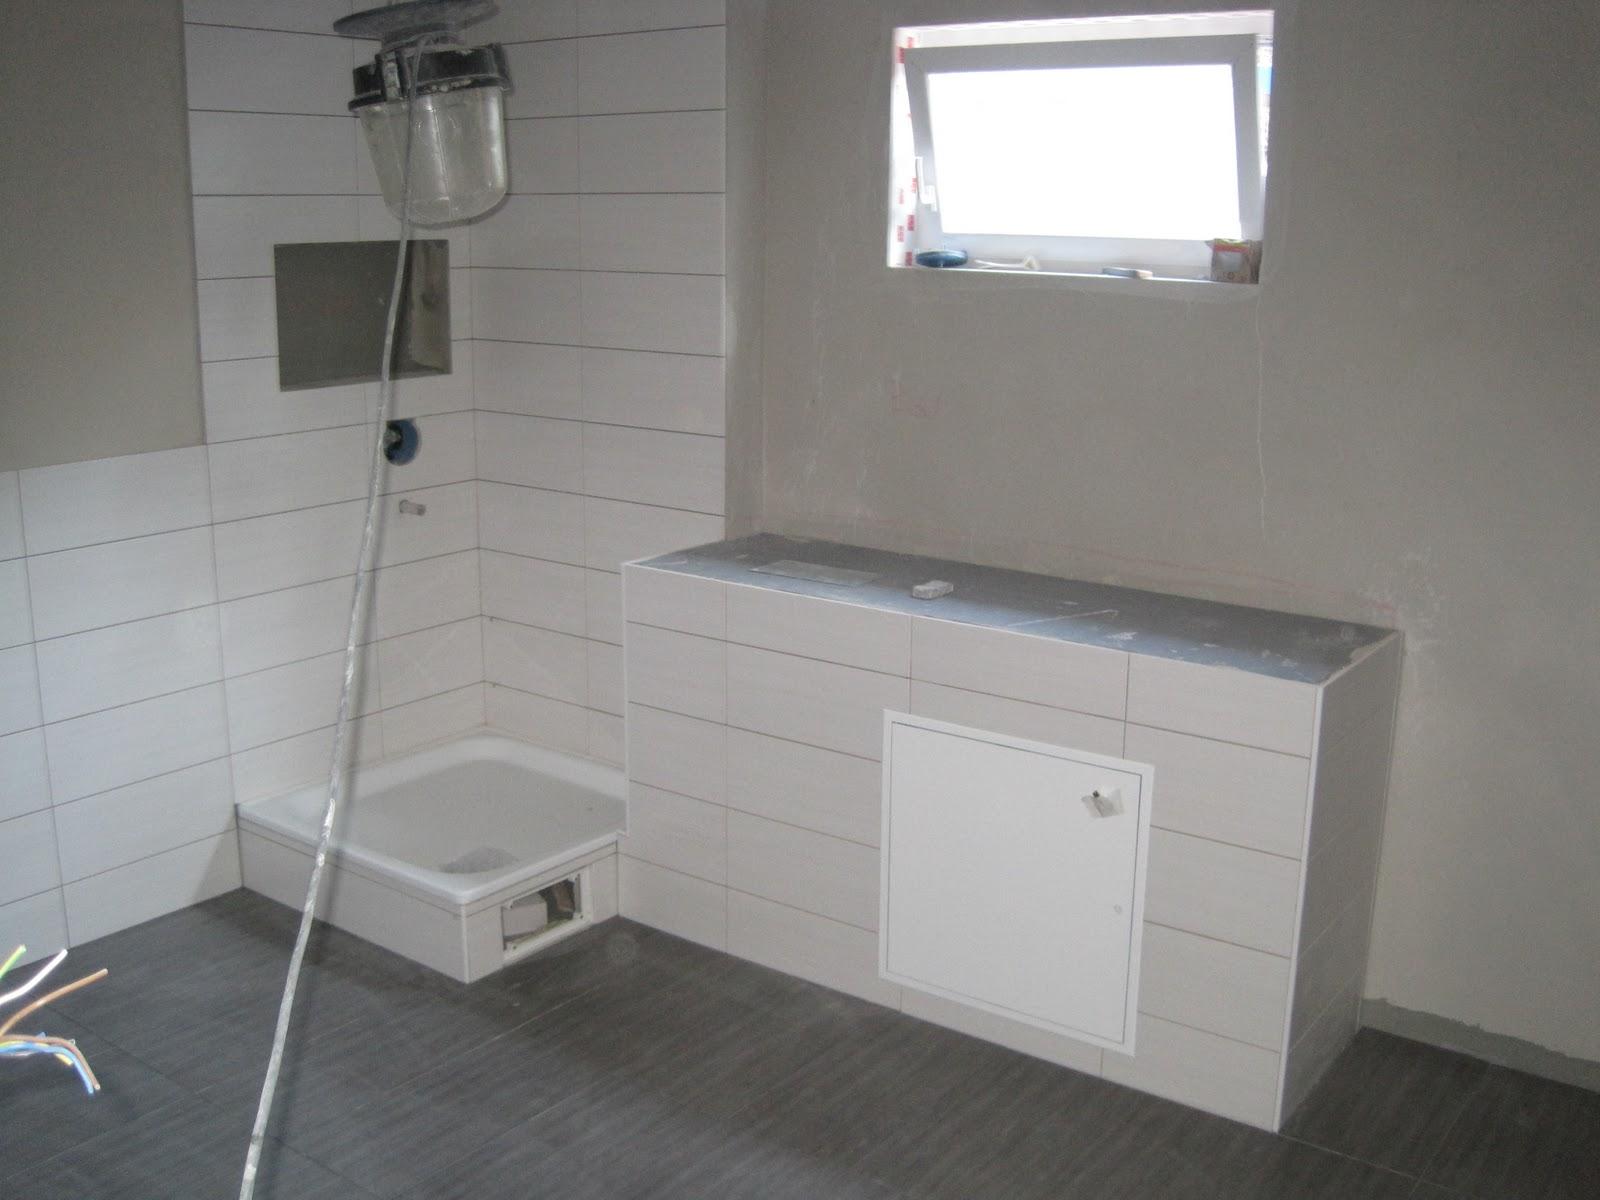 hebeanlage kosten hebeanlage abwasser kosten naturalsupplementsforanxiety sal f r hausbesitzer. Black Bedroom Furniture Sets. Home Design Ideas